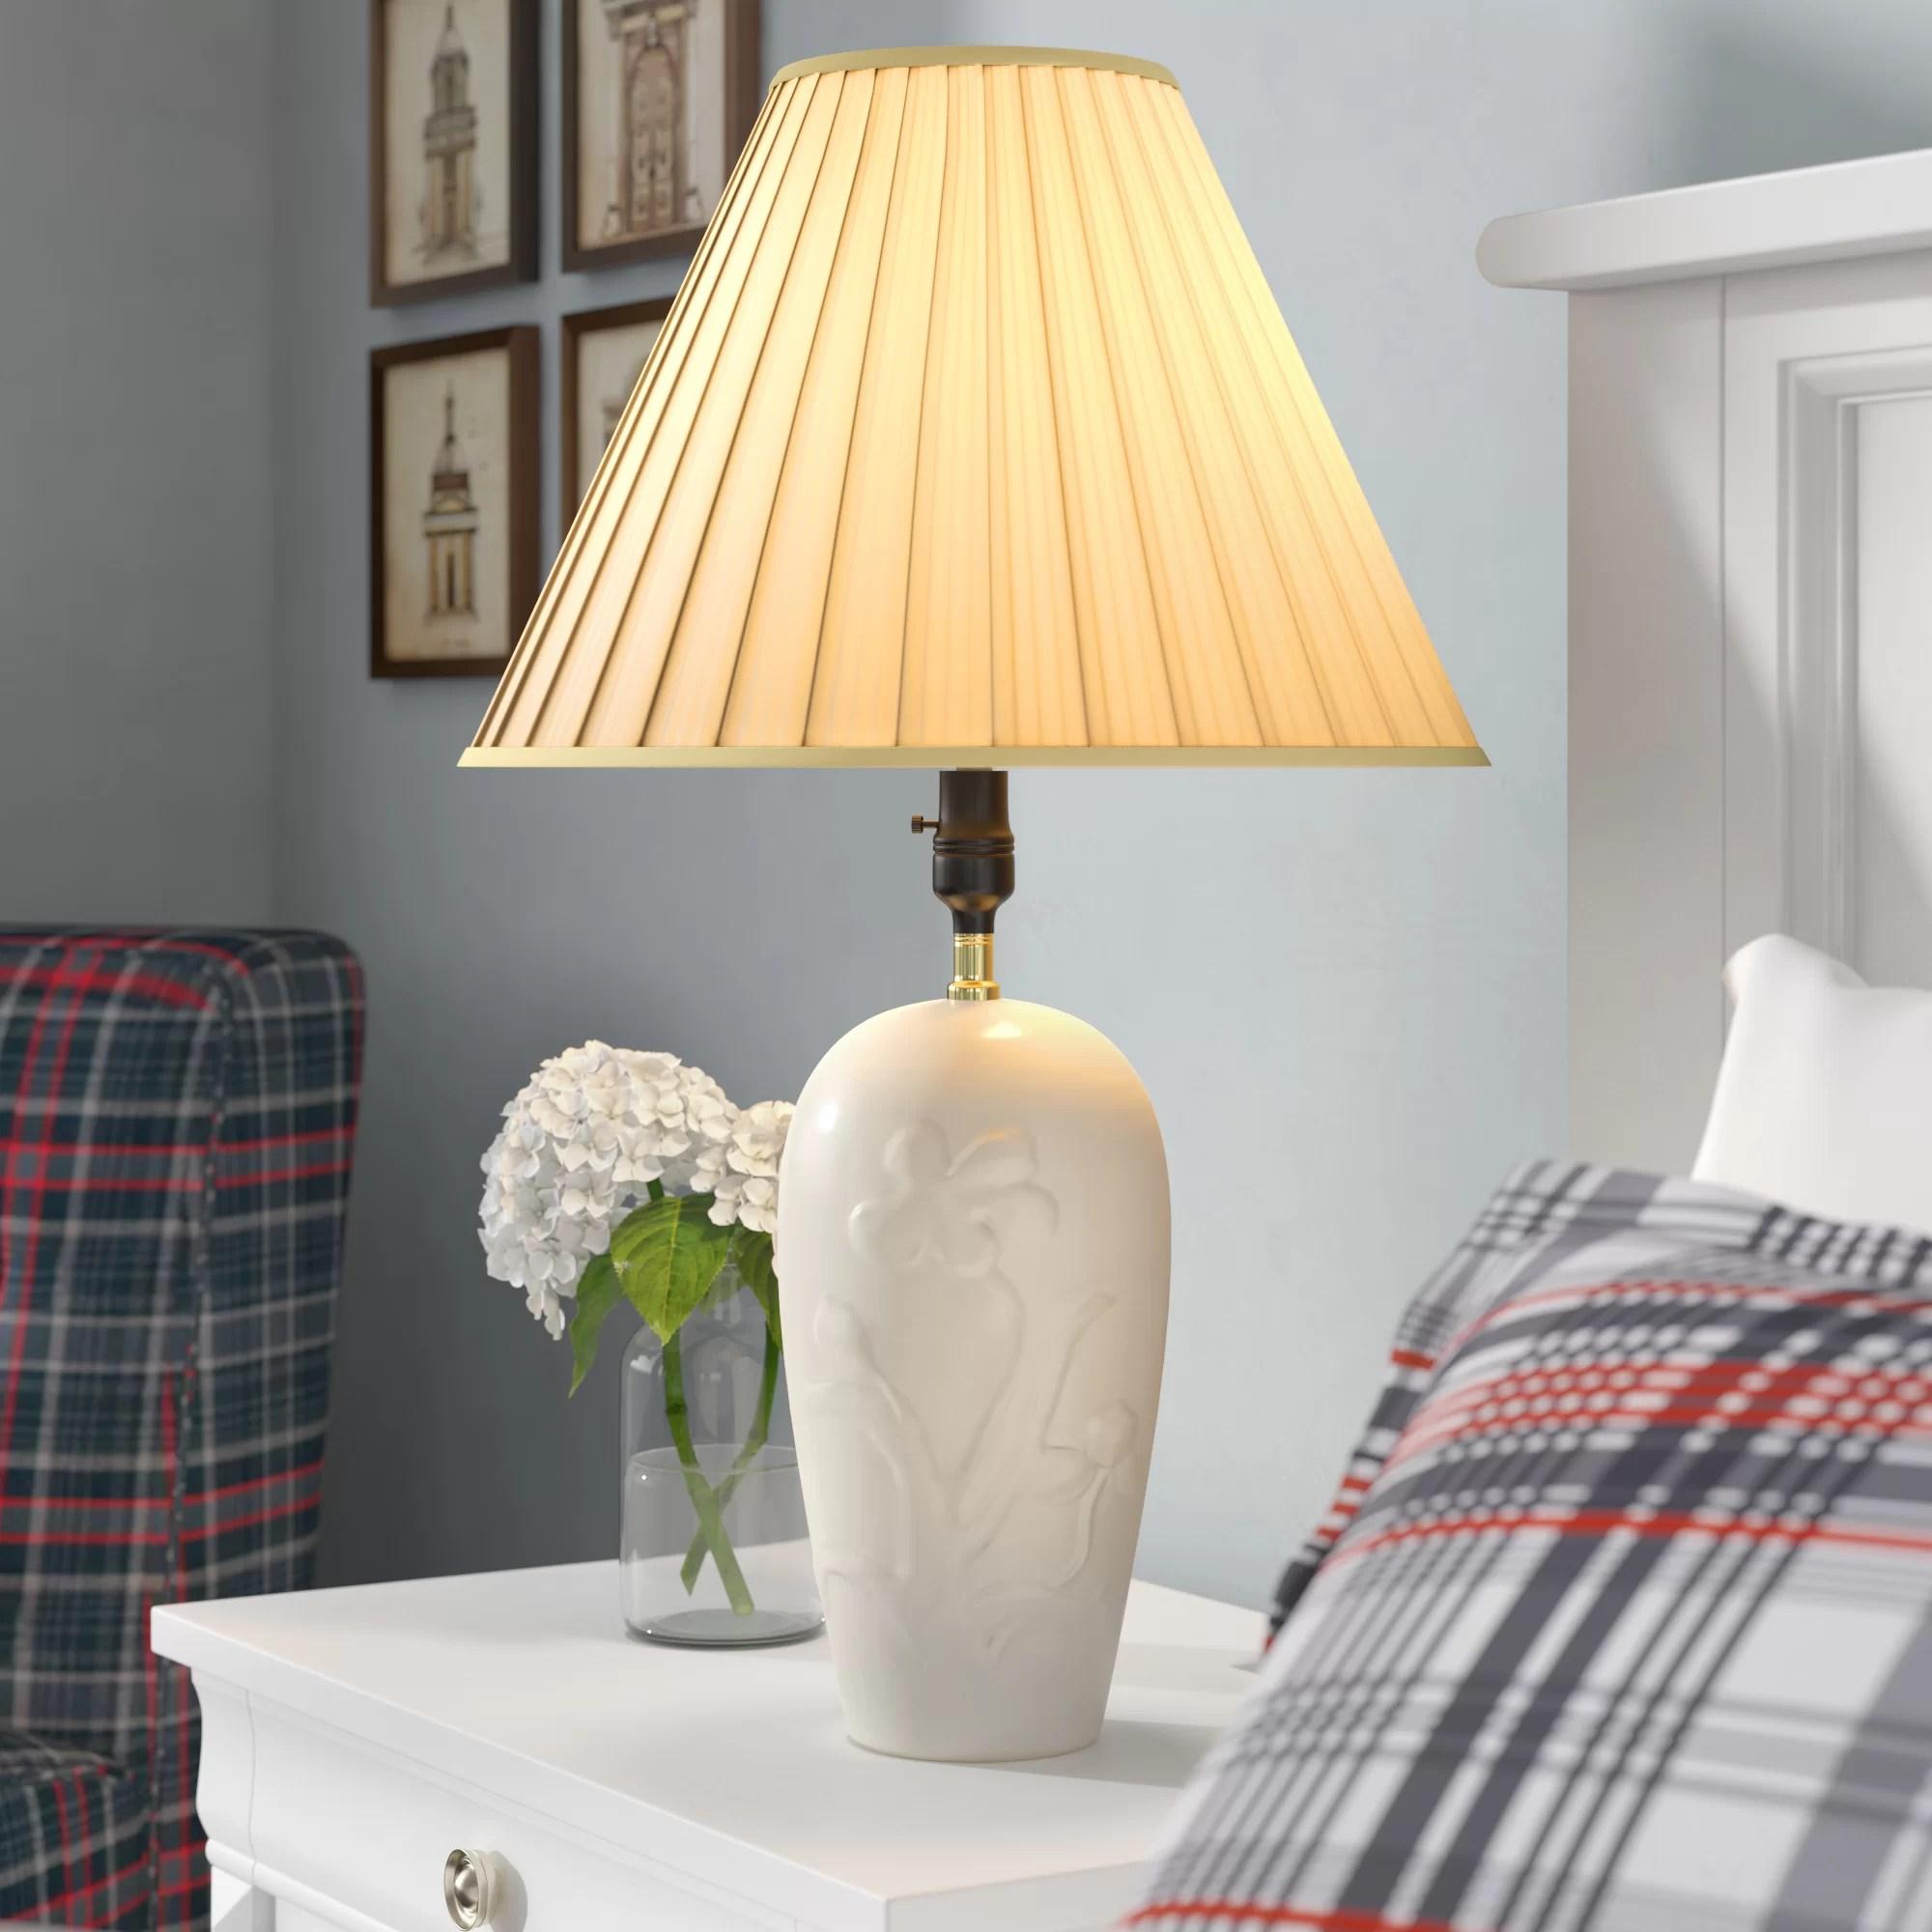 Anwar 26 Table Lamp